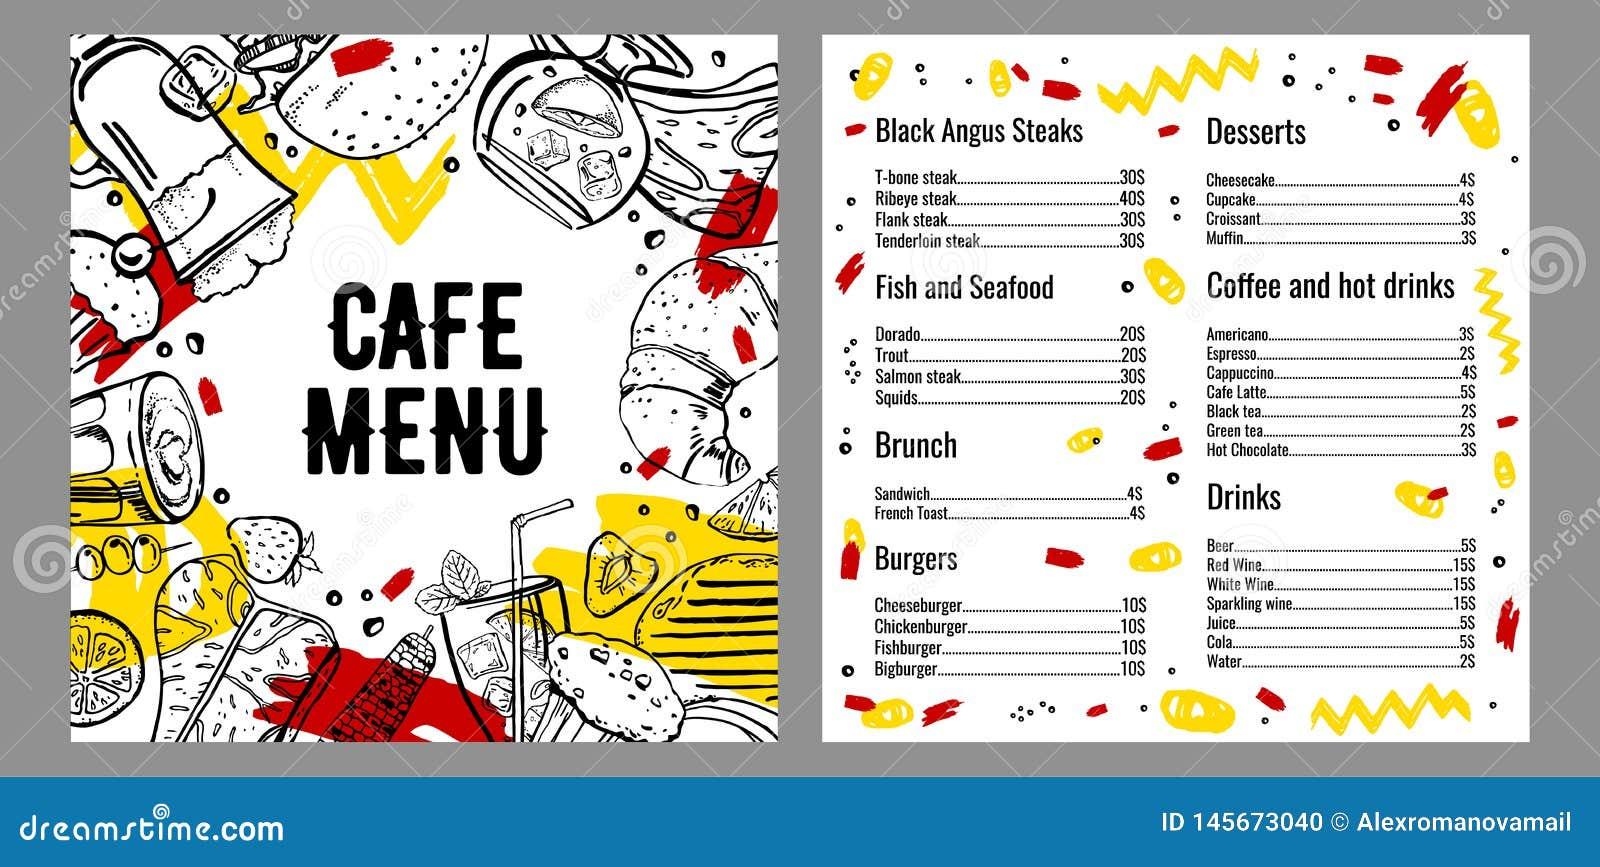 咖啡馆菜单两页与牛排、鱼、汉堡、饮料、咖啡和沙漠名单的设计模板